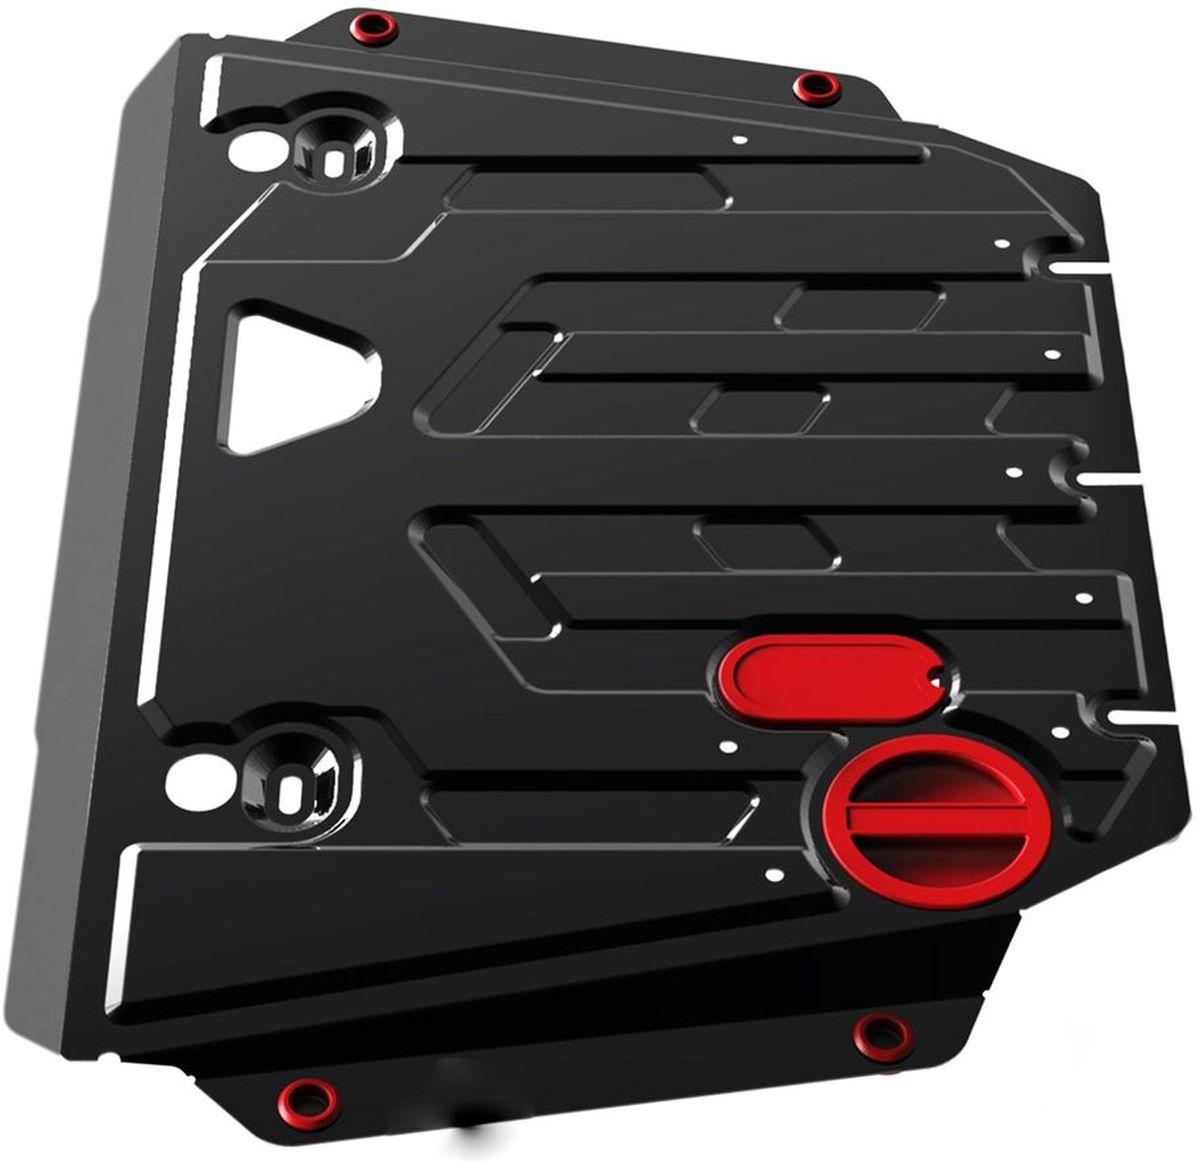 Защита картера и КПП Автоброня Hyundai i20 2009-2011, сталь 2 мм111.02305.1Защита картера и КПП Автоброня Hyundai i20, V - 1,2; 1,4; 1,6 2009-2011, сталь 2 мм, комплект крепежа, 111.02305.1Стальные защиты Автоброня надежно защищают ваш автомобиль от повреждений при наезде на бордюры, выступающие канализационные люки, кромки поврежденного асфальта или при ремонте дорог, не говоря уже о загородных дорогах.- Имеют оптимальное соотношение цена-качество.- Спроектированы с учетом особенностей автомобиля, что делает установку удобной.- Защита устанавливается в штатные места кузова автомобиля.- Является надежной защитой для важных элементов на протяжении долгих лет.- Глубокий штамп дополнительно усиливает конструкцию защиты.- Подштамповка в местах крепления защищает крепеж от срезания.- Технологические отверстия там, где они необходимы для смены масла и слива воды, оборудованные заглушками, закрепленными на защите.Толщина стали 2 мм.В комплекте крепеж и инструкция по установке.Уважаемые клиенты!Обращаем ваше внимание на тот факт, что защита имеет форму, соответствующую модели данного автомобиля. Наличие глубокого штампа и лючков для смены фильтров/масла предусмотрено не на всех защитах. Фото служит для визуального восприятия товара.